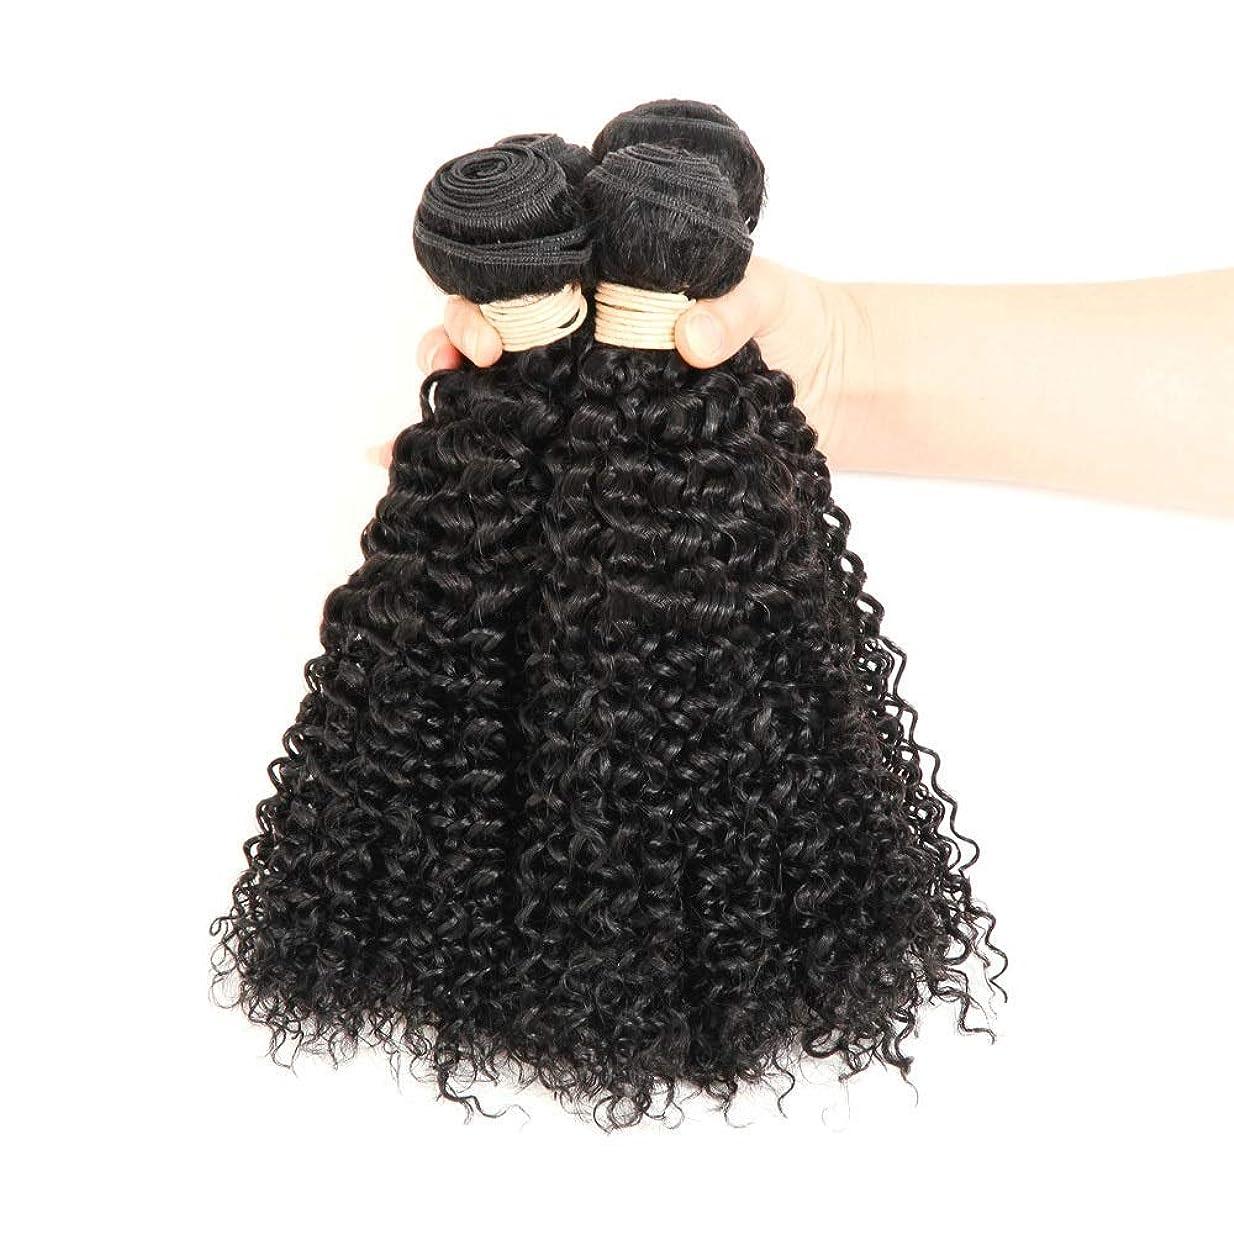 の頭の上ソケット地下室BOBIDYEE ブラジルのバージン人間の髪の毛の束ブラジルの変態カーリー織り人毛ナチュラルブラック色16-22インチ(100 +/- 5g)/ pc 1バンドルロールプレイングかつら女性の自然なかつら (色 : 黒, サイズ : 20 inch)